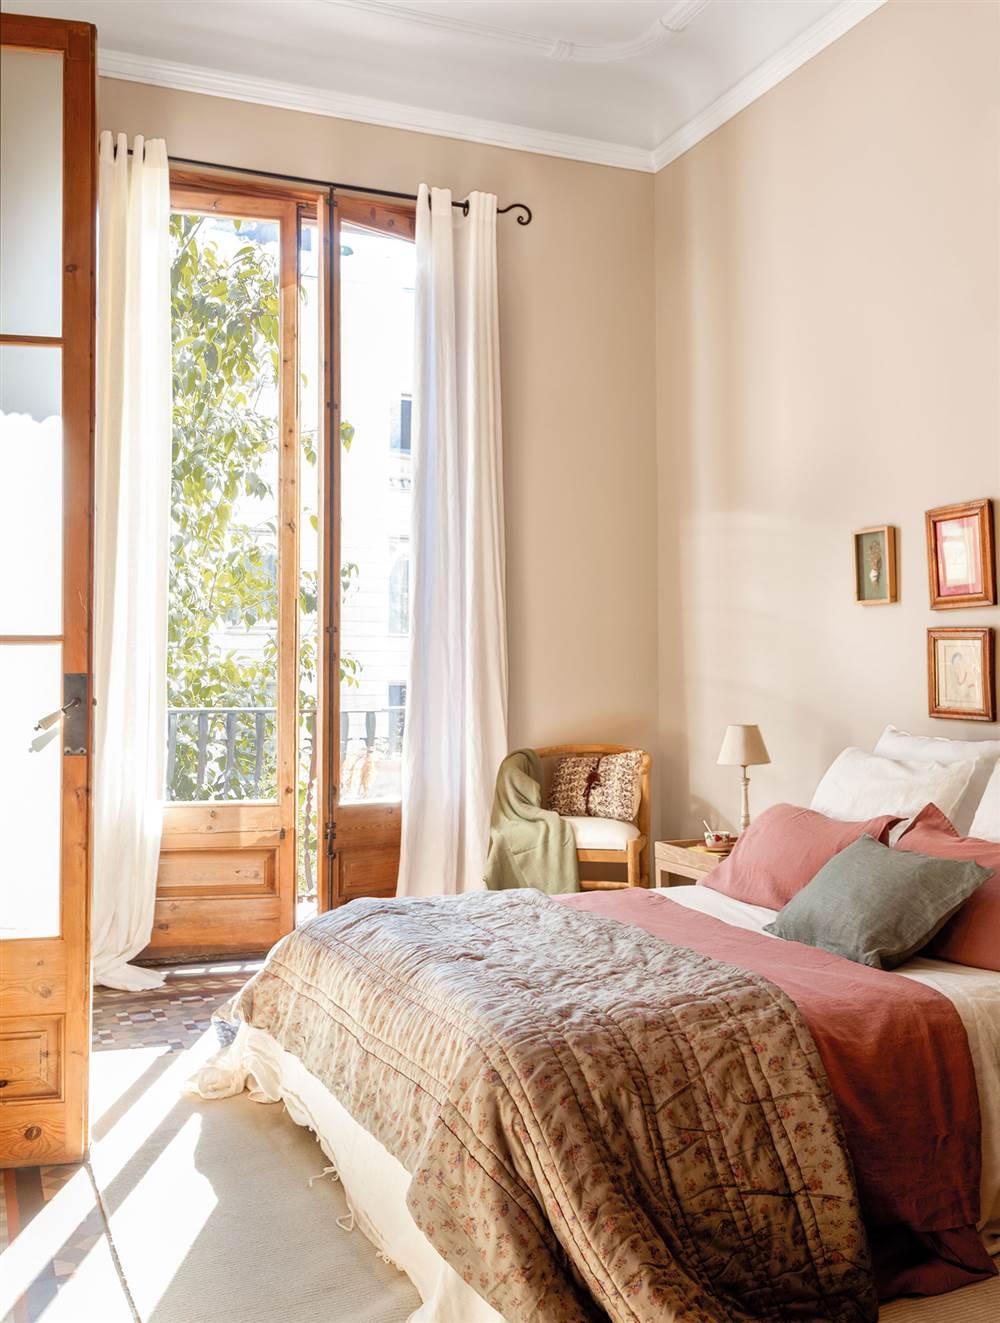 Compartir piso 10 ideas low cost para decorar tu dormitorio - Como decorar tu dormitorio ...